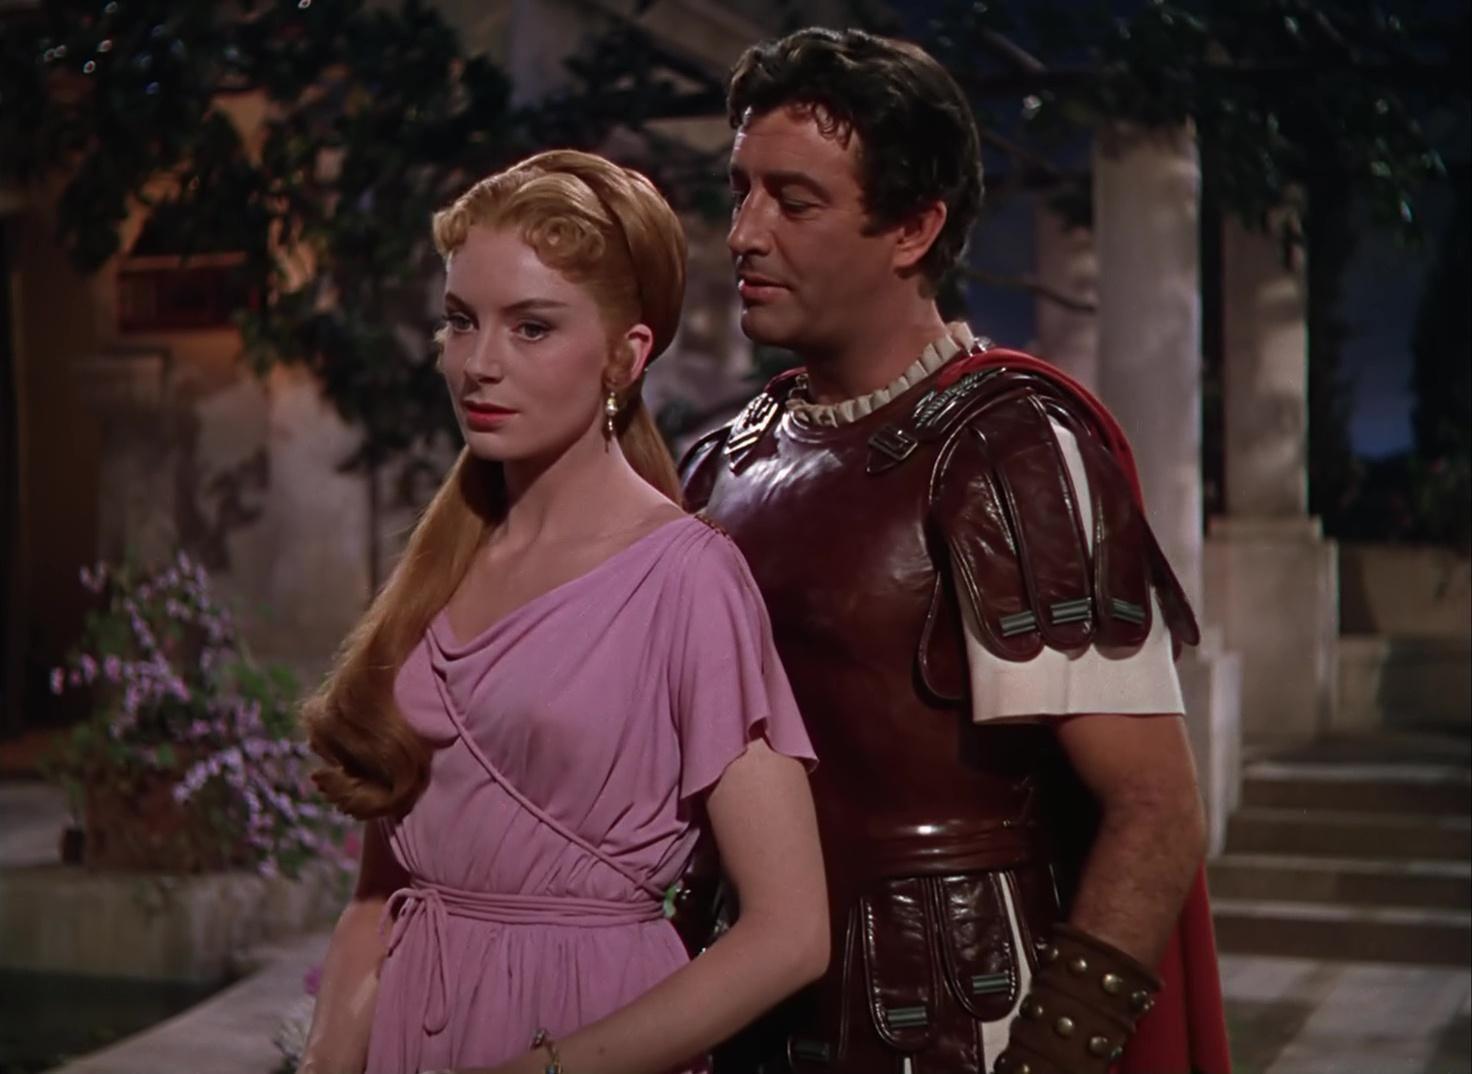 'Quo Vadis', con Robert Taylor y Deborah Kerr, en 'Días de cine clásico'